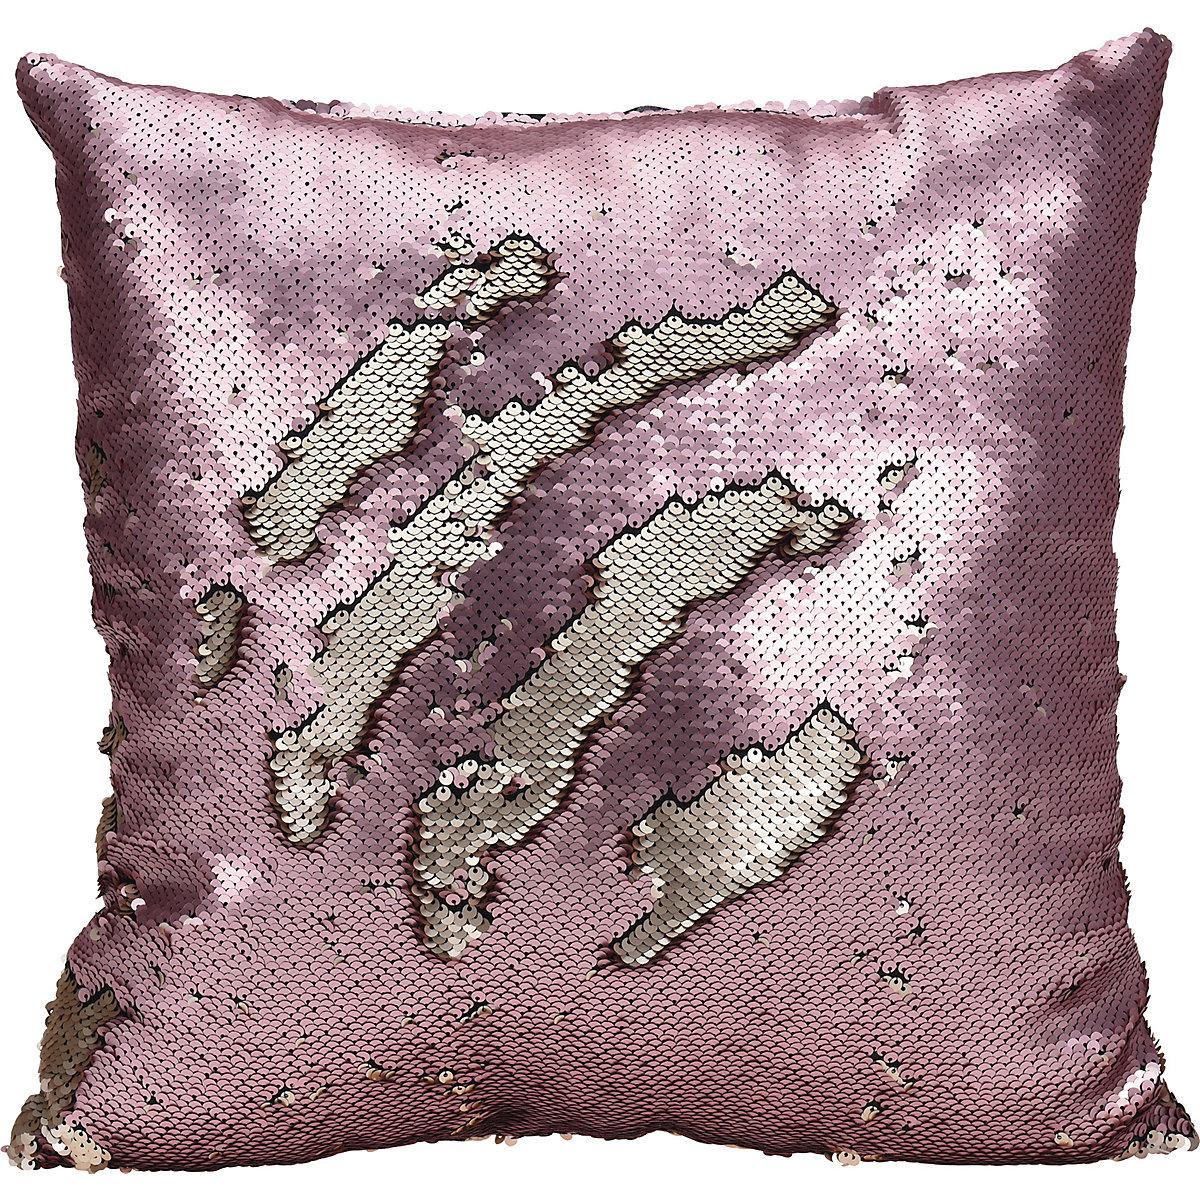 dekokissen mit wende pailletten 45x45 cm rosa yomonda. Black Bedroom Furniture Sets. Home Design Ideas